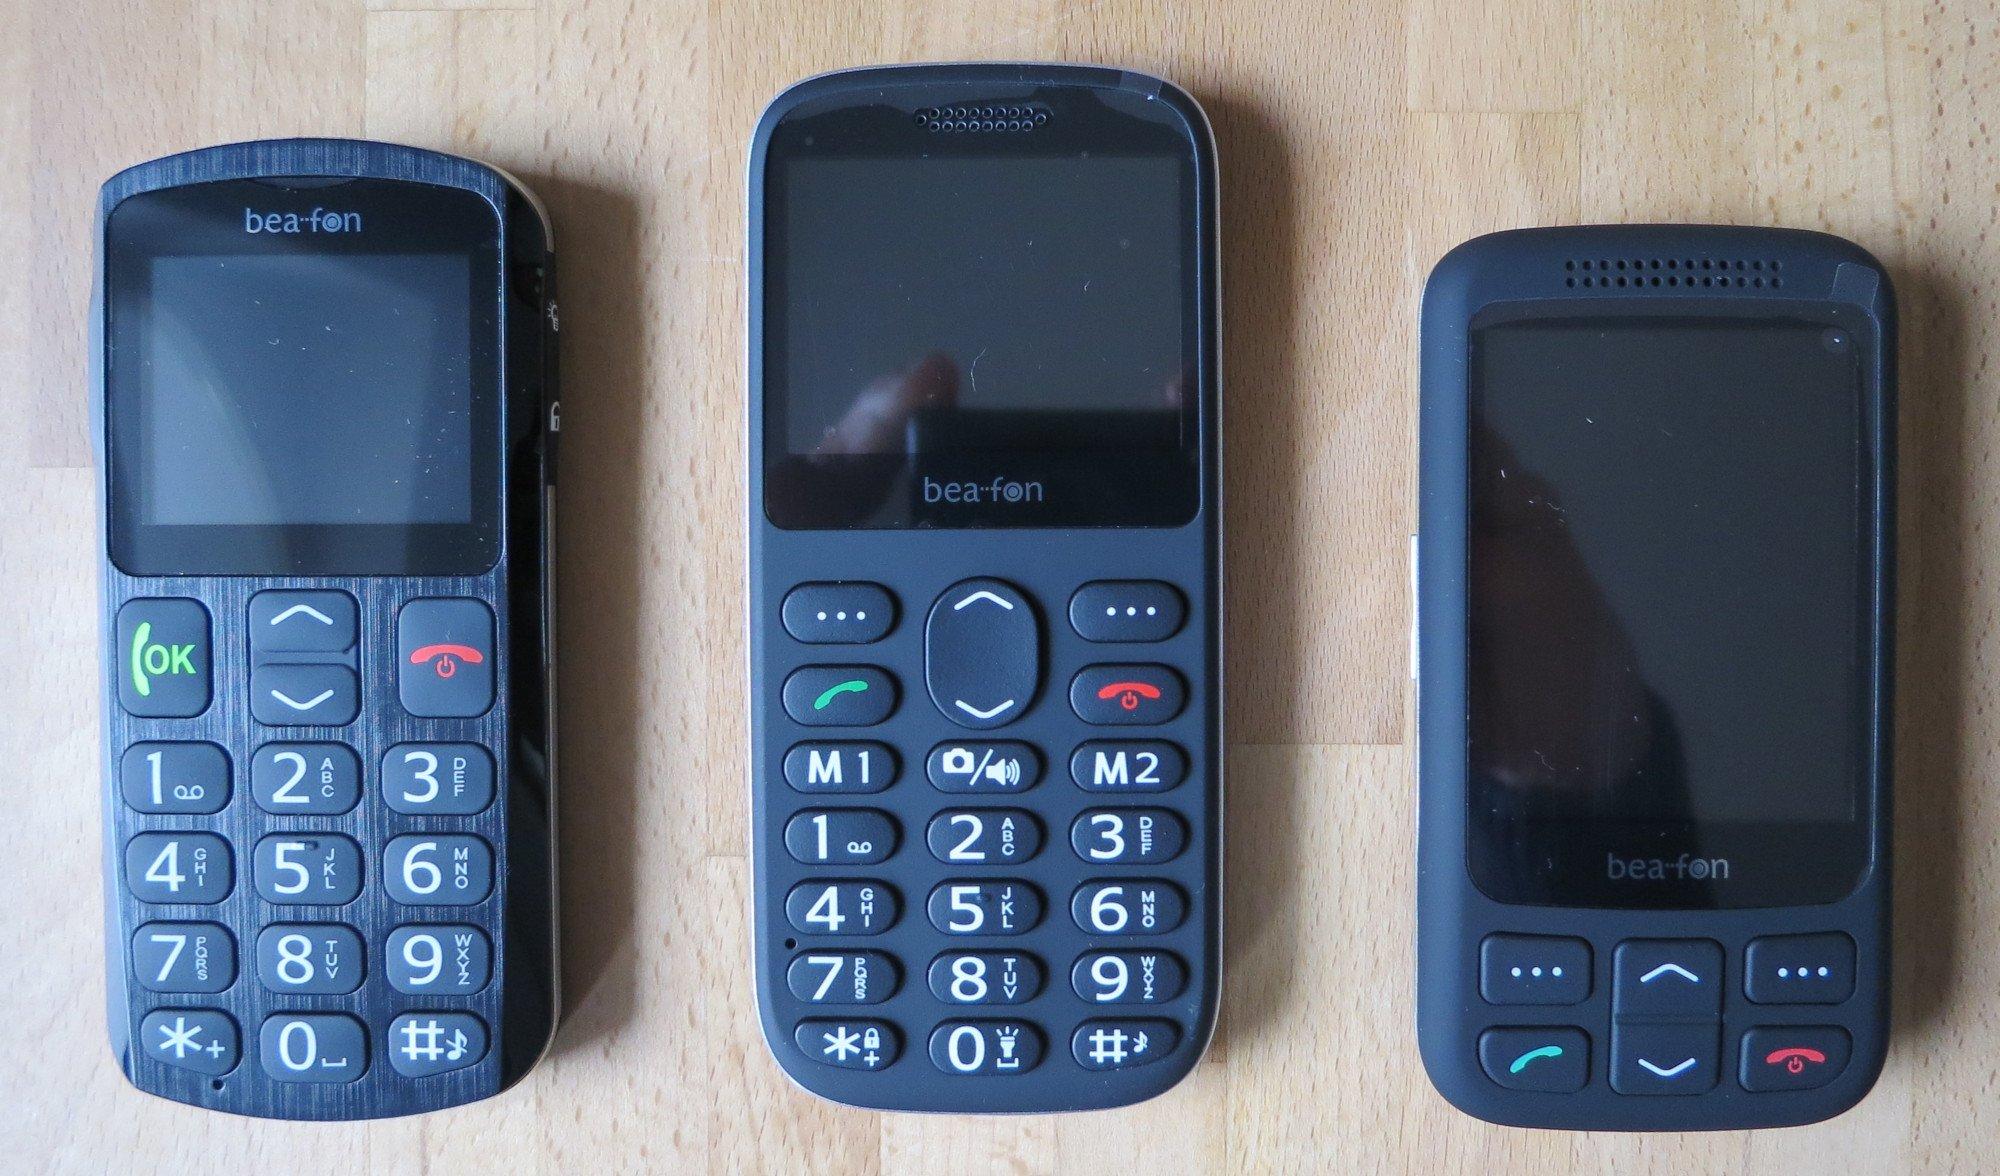 Die Seniorenhandys Bea-fon SL250, SL350 und SL750: zwei Barrenhandys und ein Slider (Bild: Peter Giesecke)